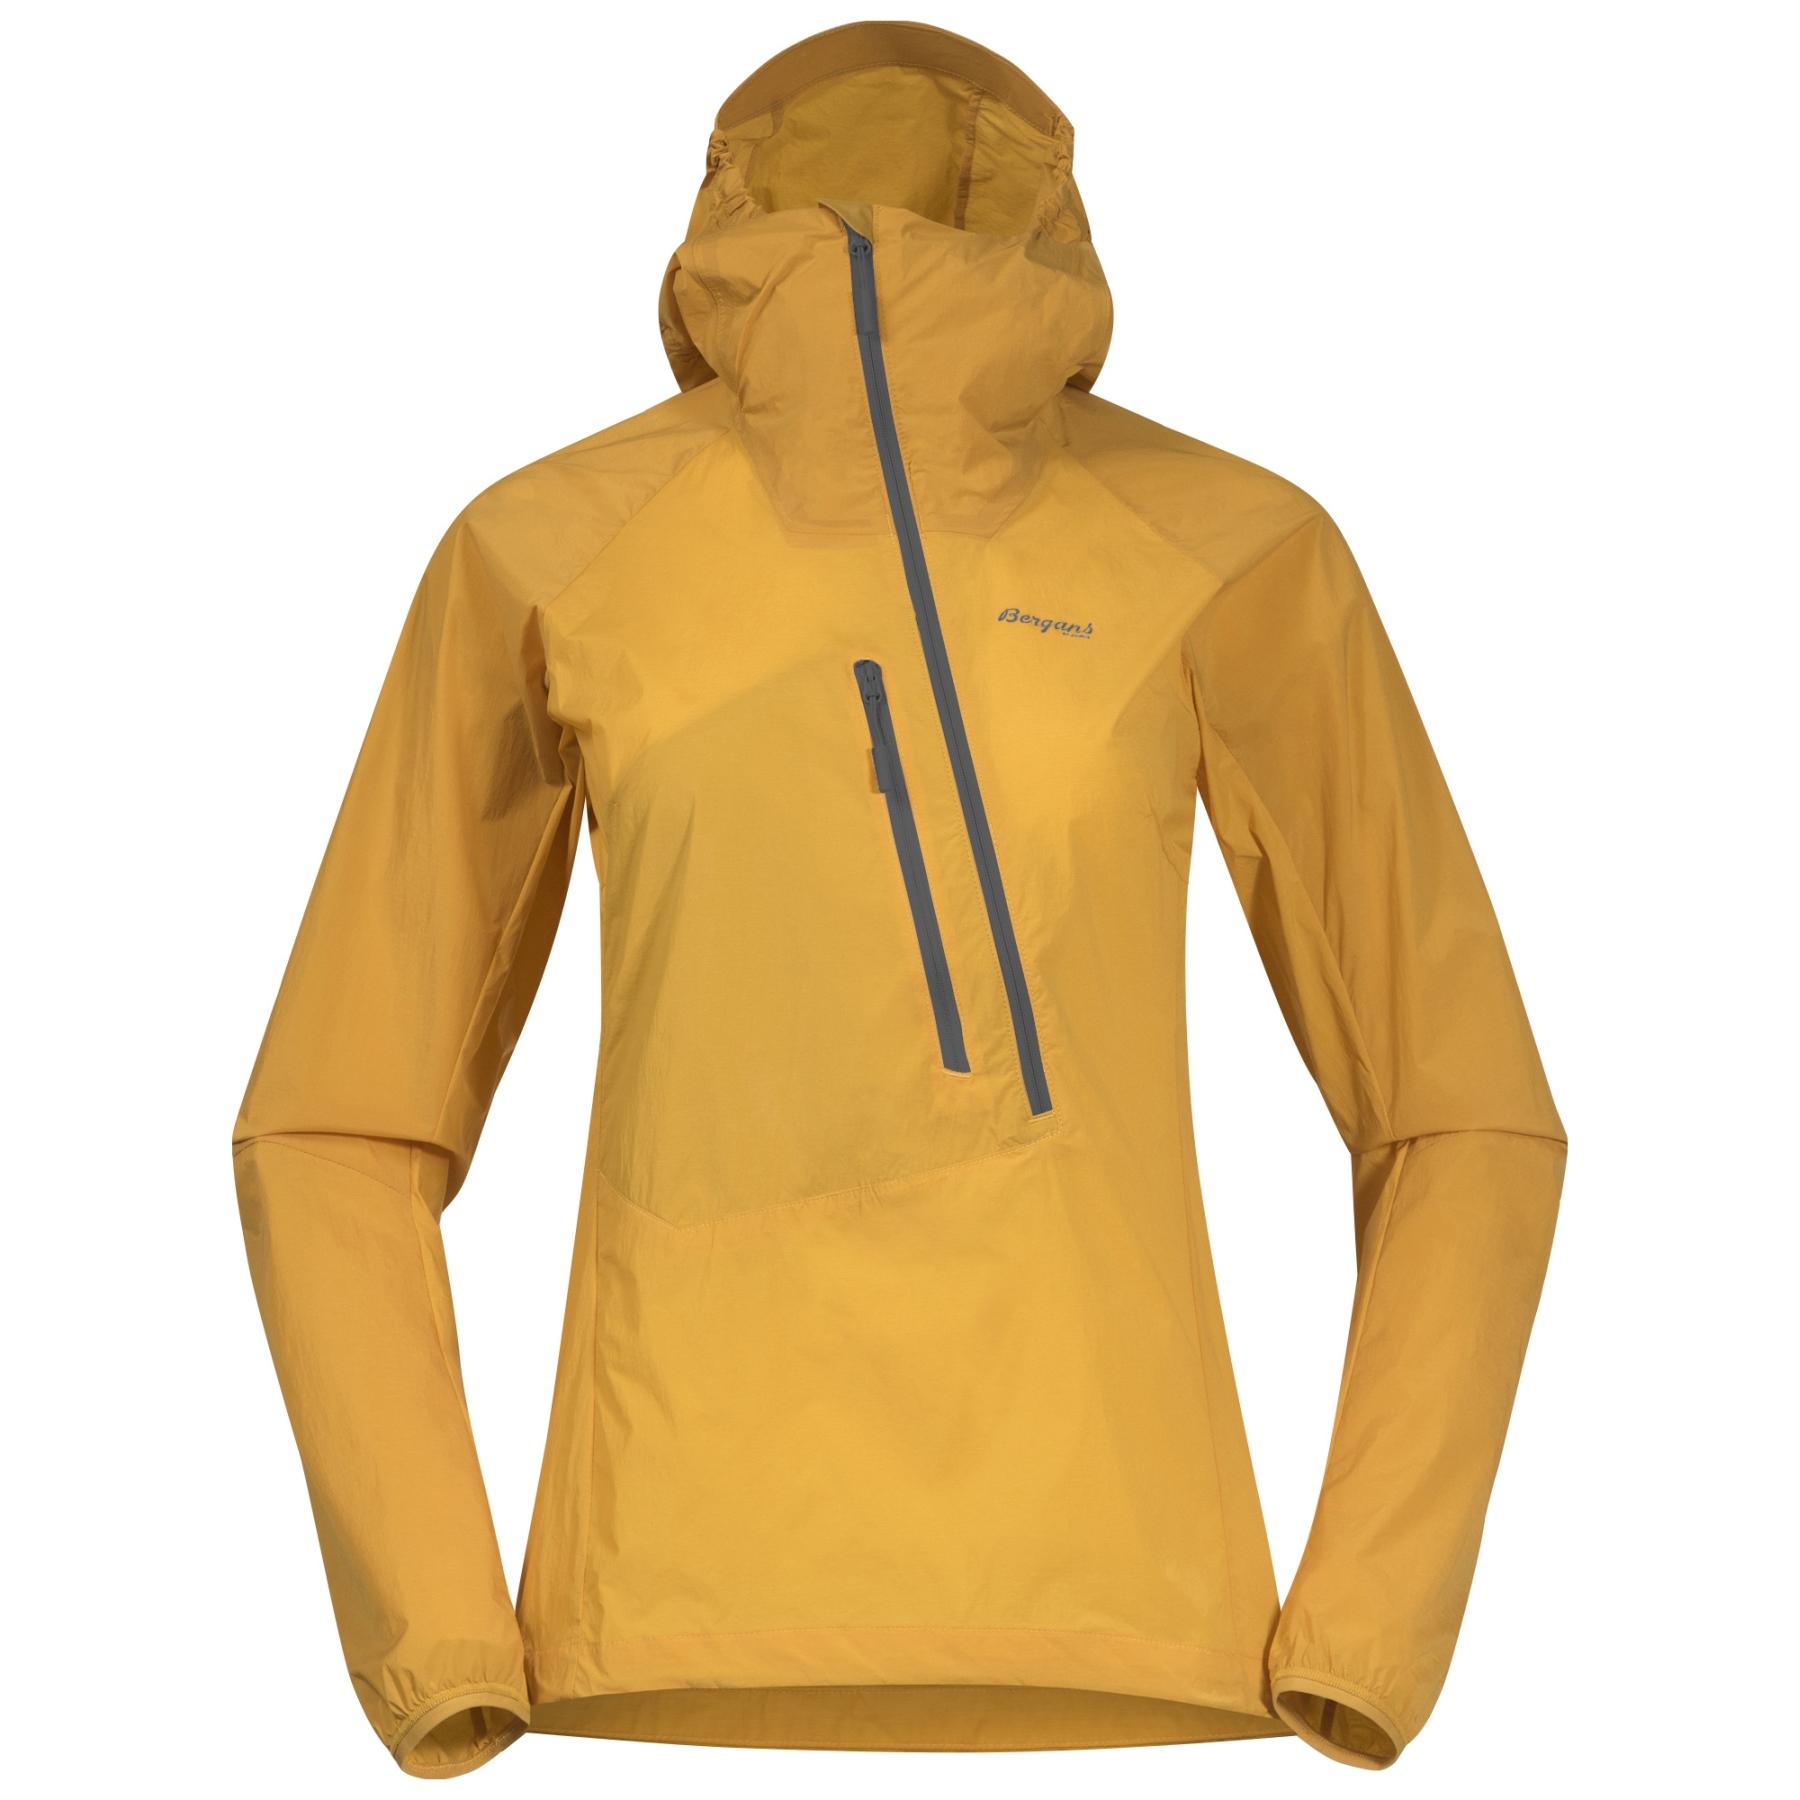 Produktbild von Bergans Cecilie Light Wind Damen-Anorak - light golden yellow / golden yellow / solid dark grey